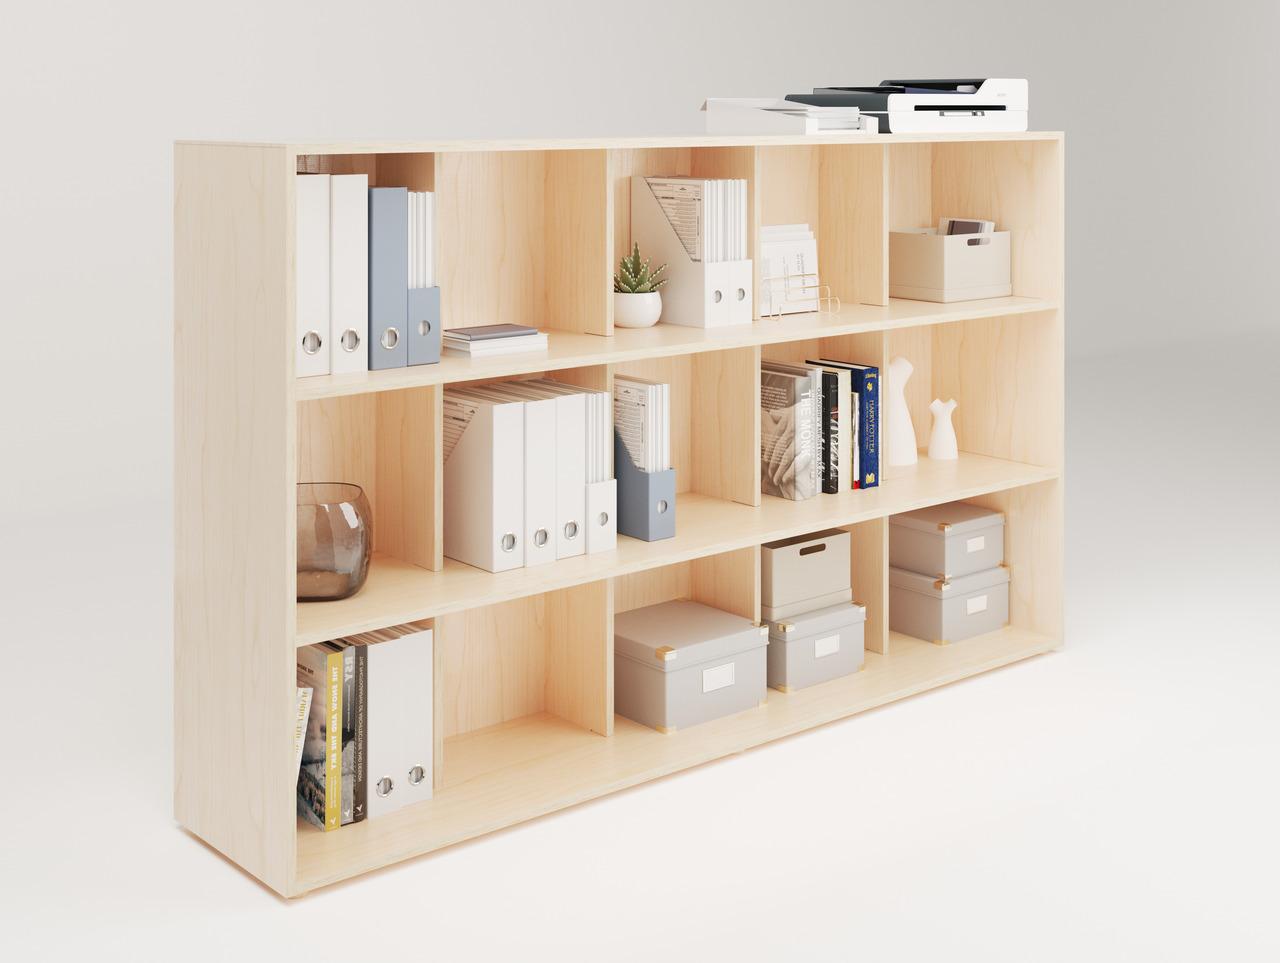 Armoire avec plusieurs rangements en bois à 15 cases idéale pour ranger les documents administratifs, les livres, les archives ou de petites plantes pour organiser avec esthétique votre environnement de travail